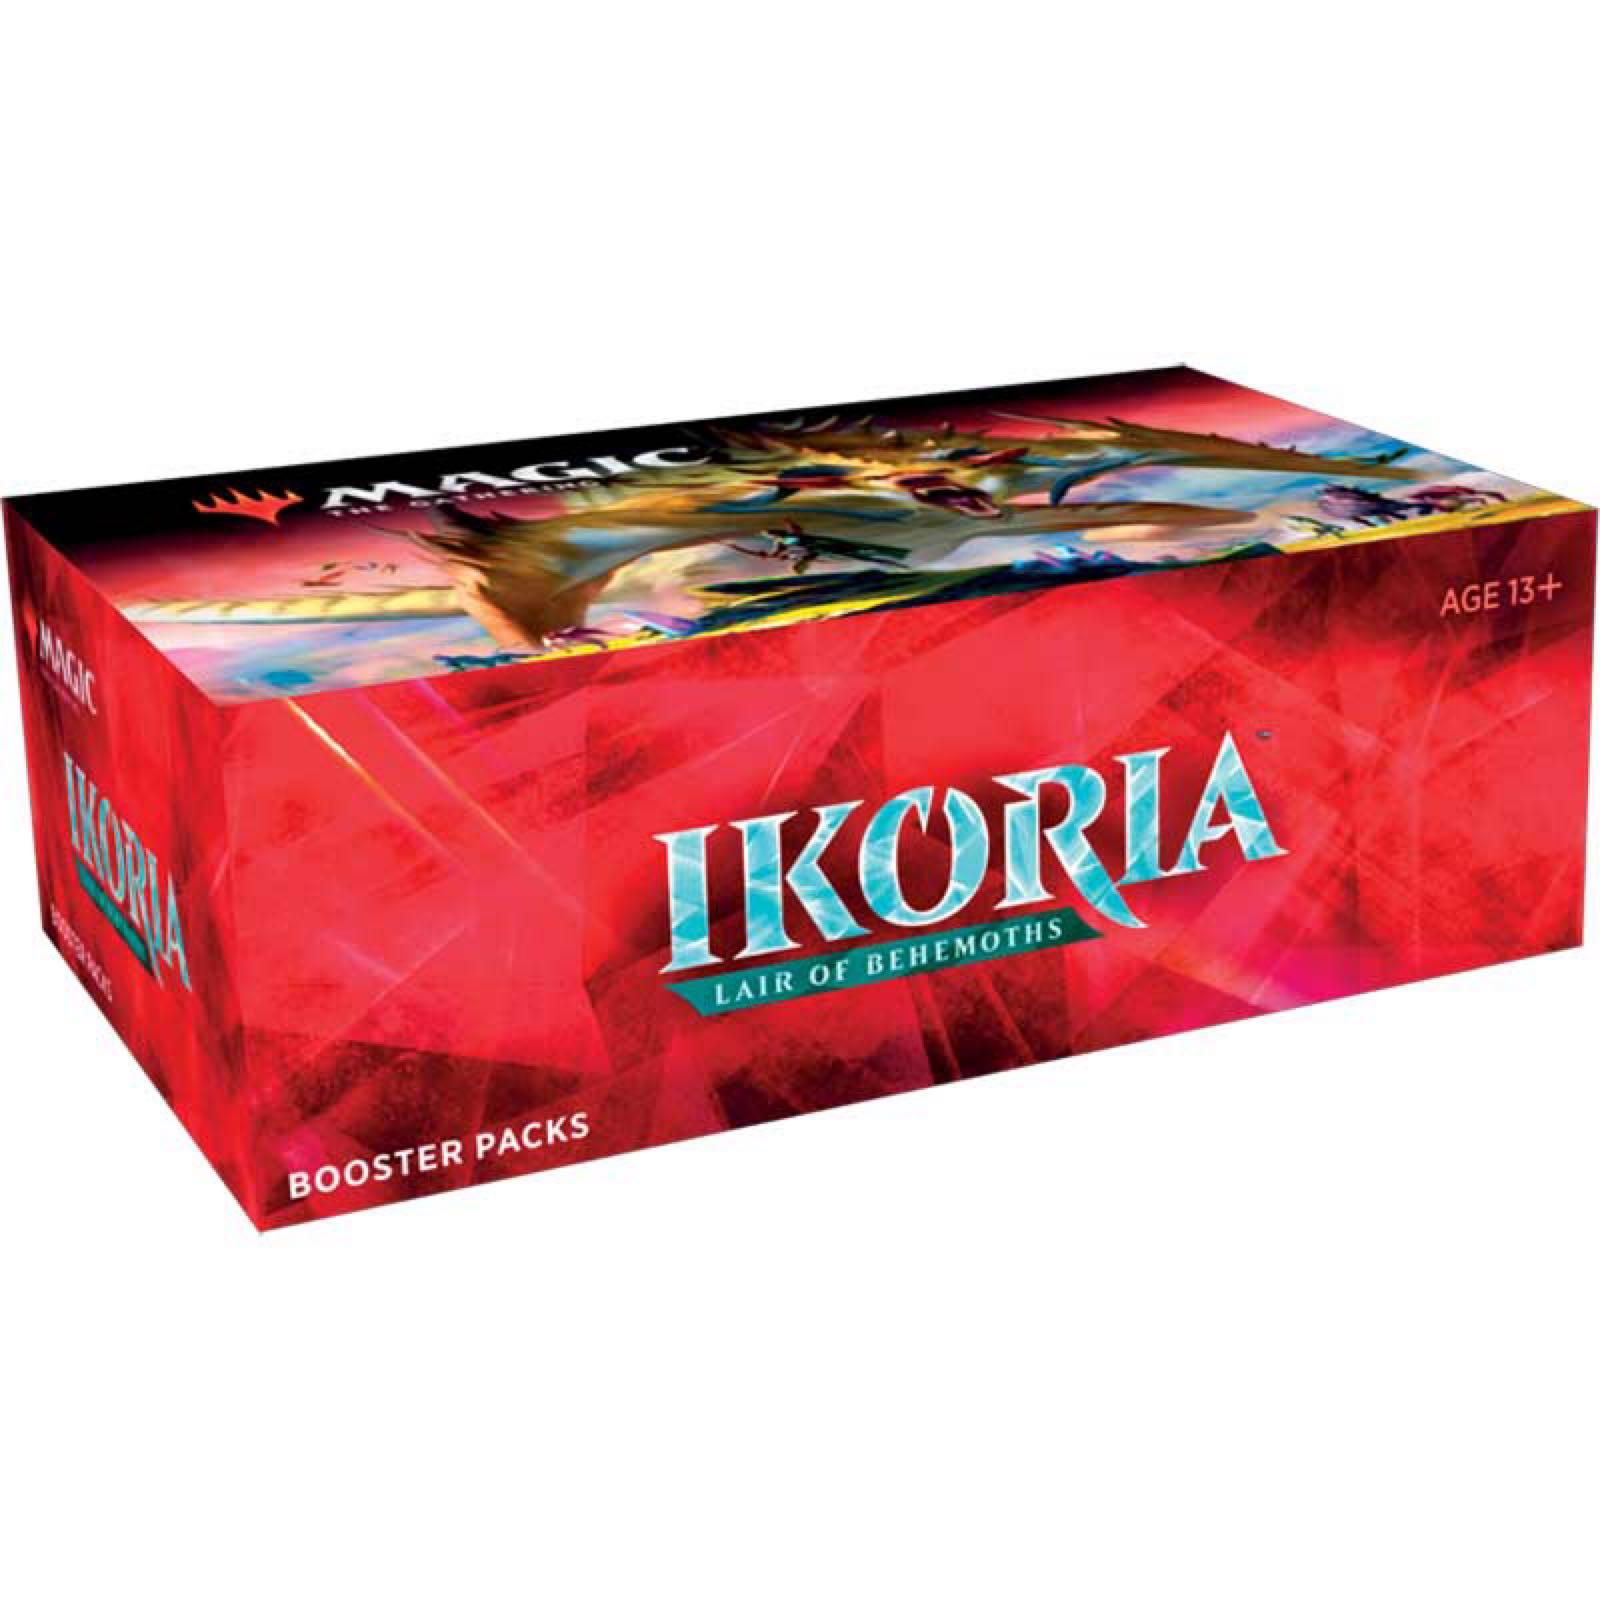 Ikoria: Lair of Behemoths Display